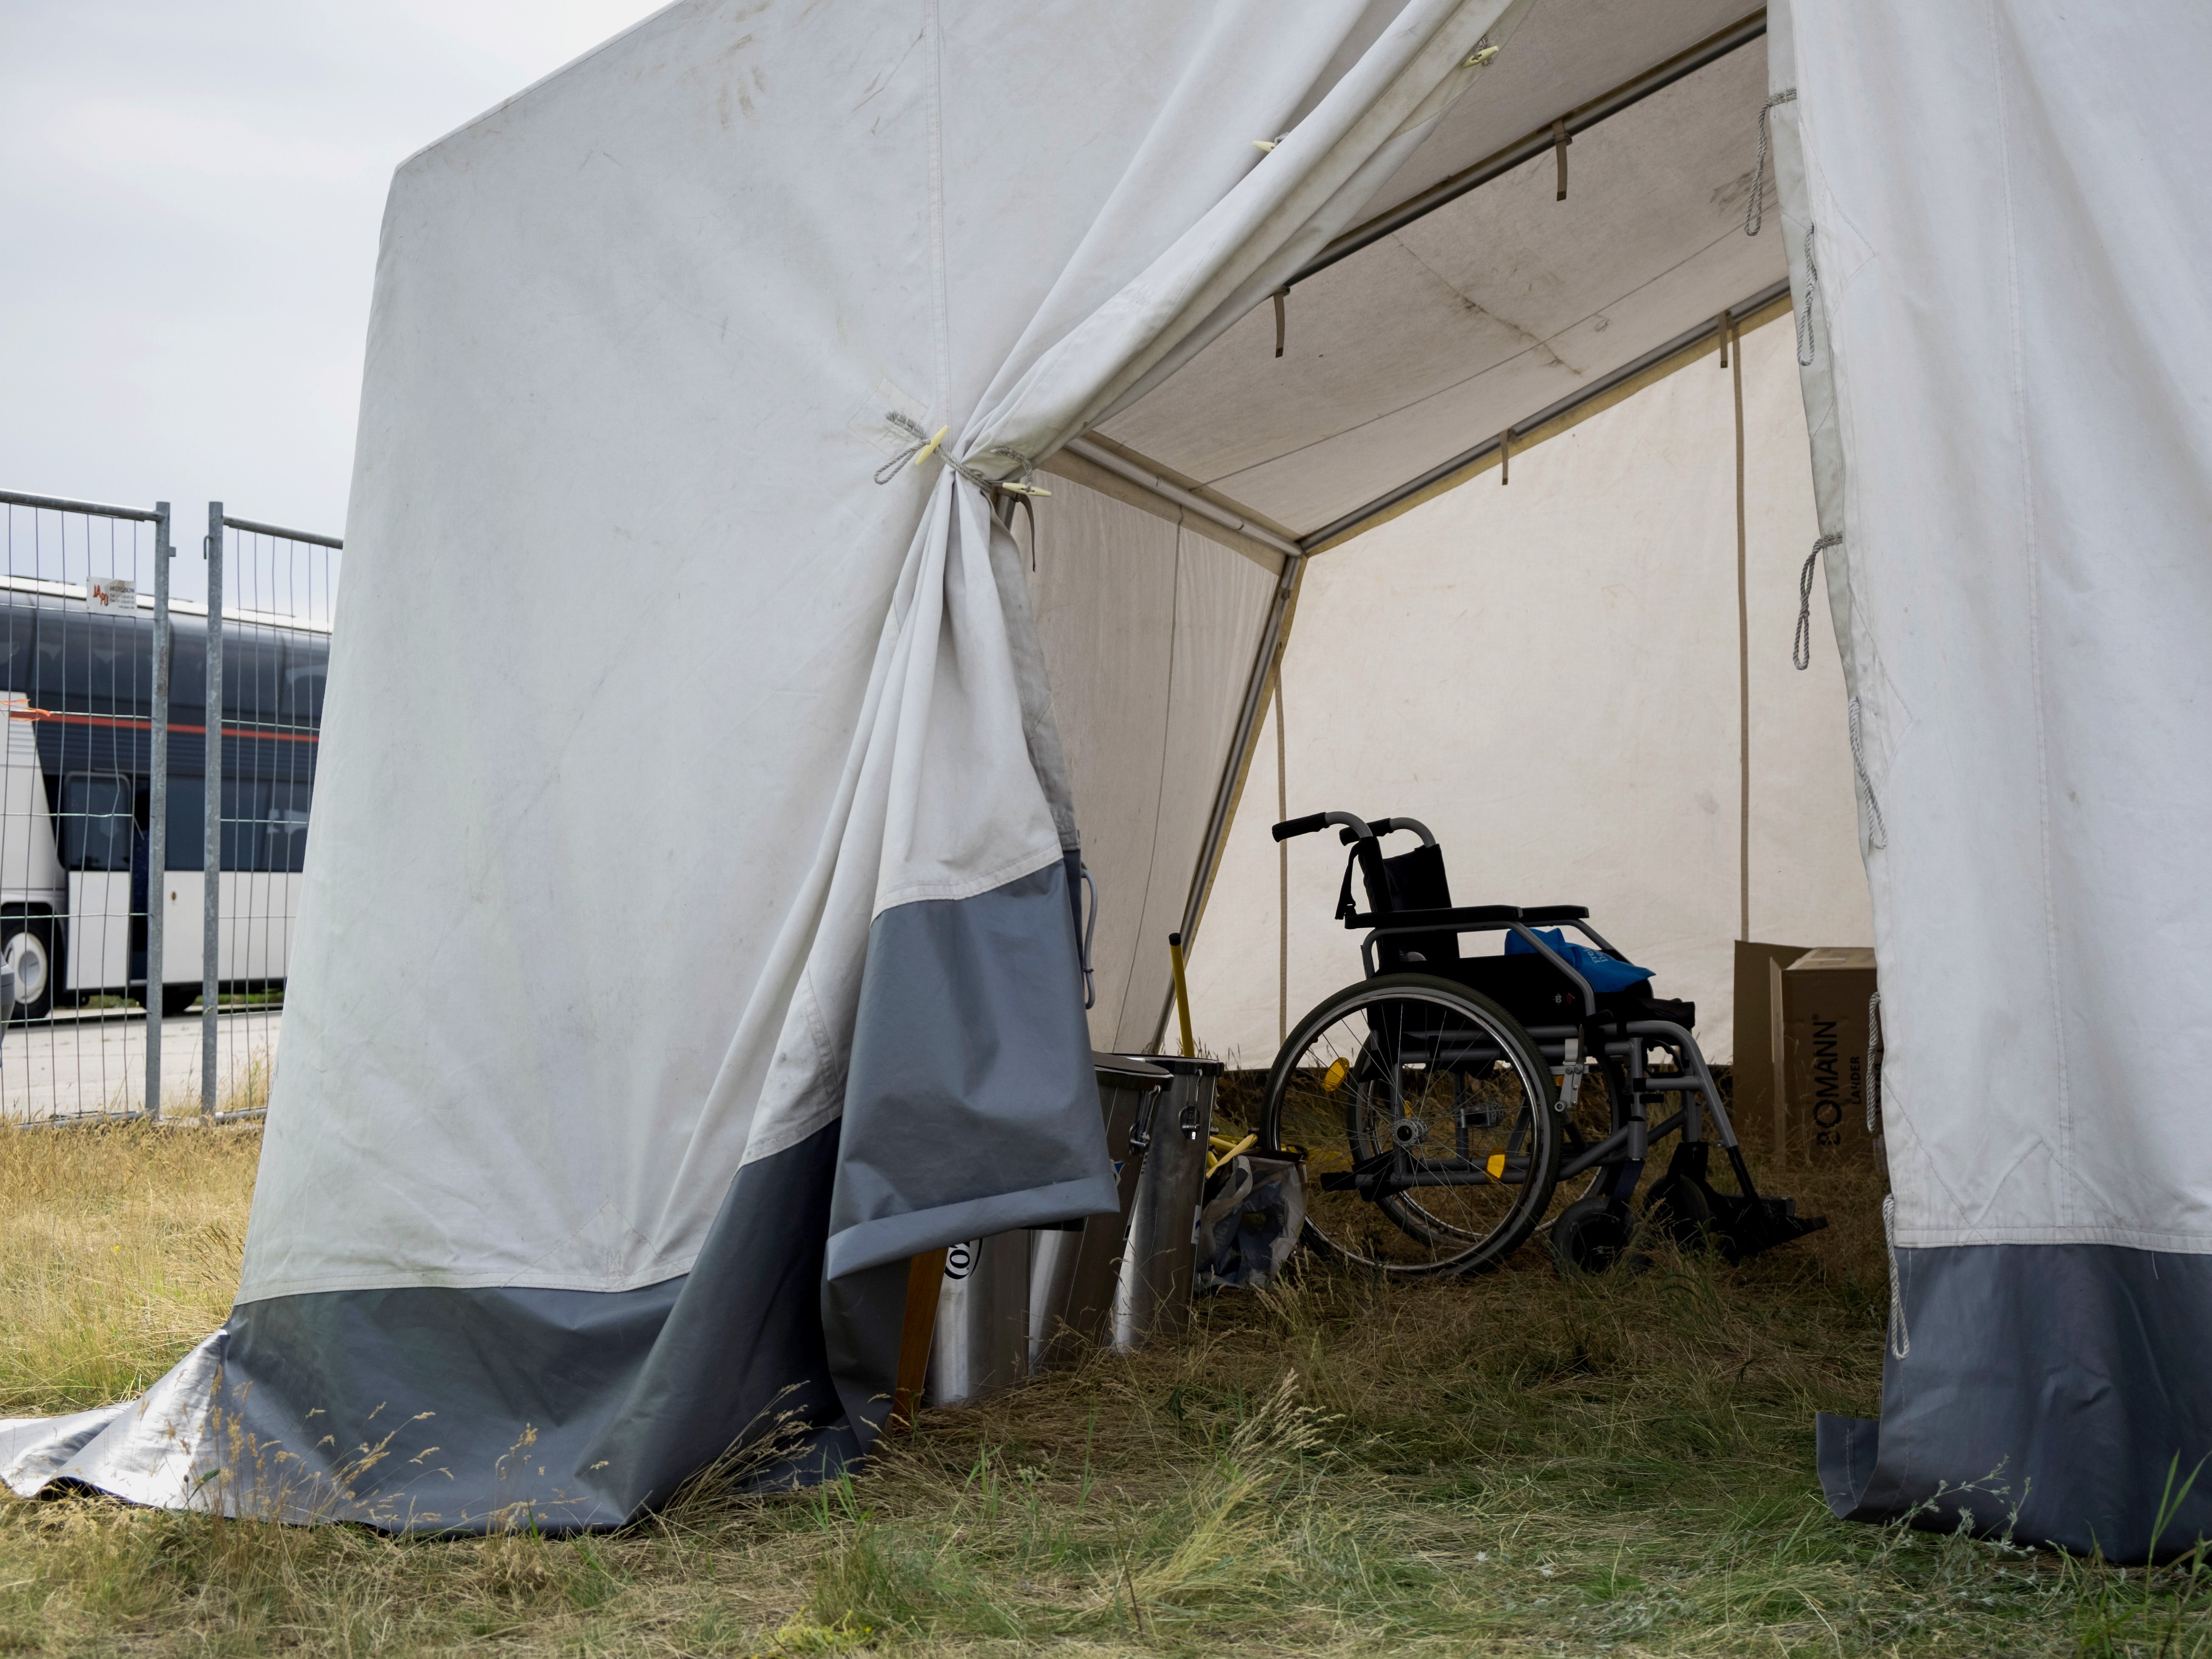 Bomann Kühlschrank Herkunft : Schlagwort: barrierefreiheit inklusives arbeitsleben